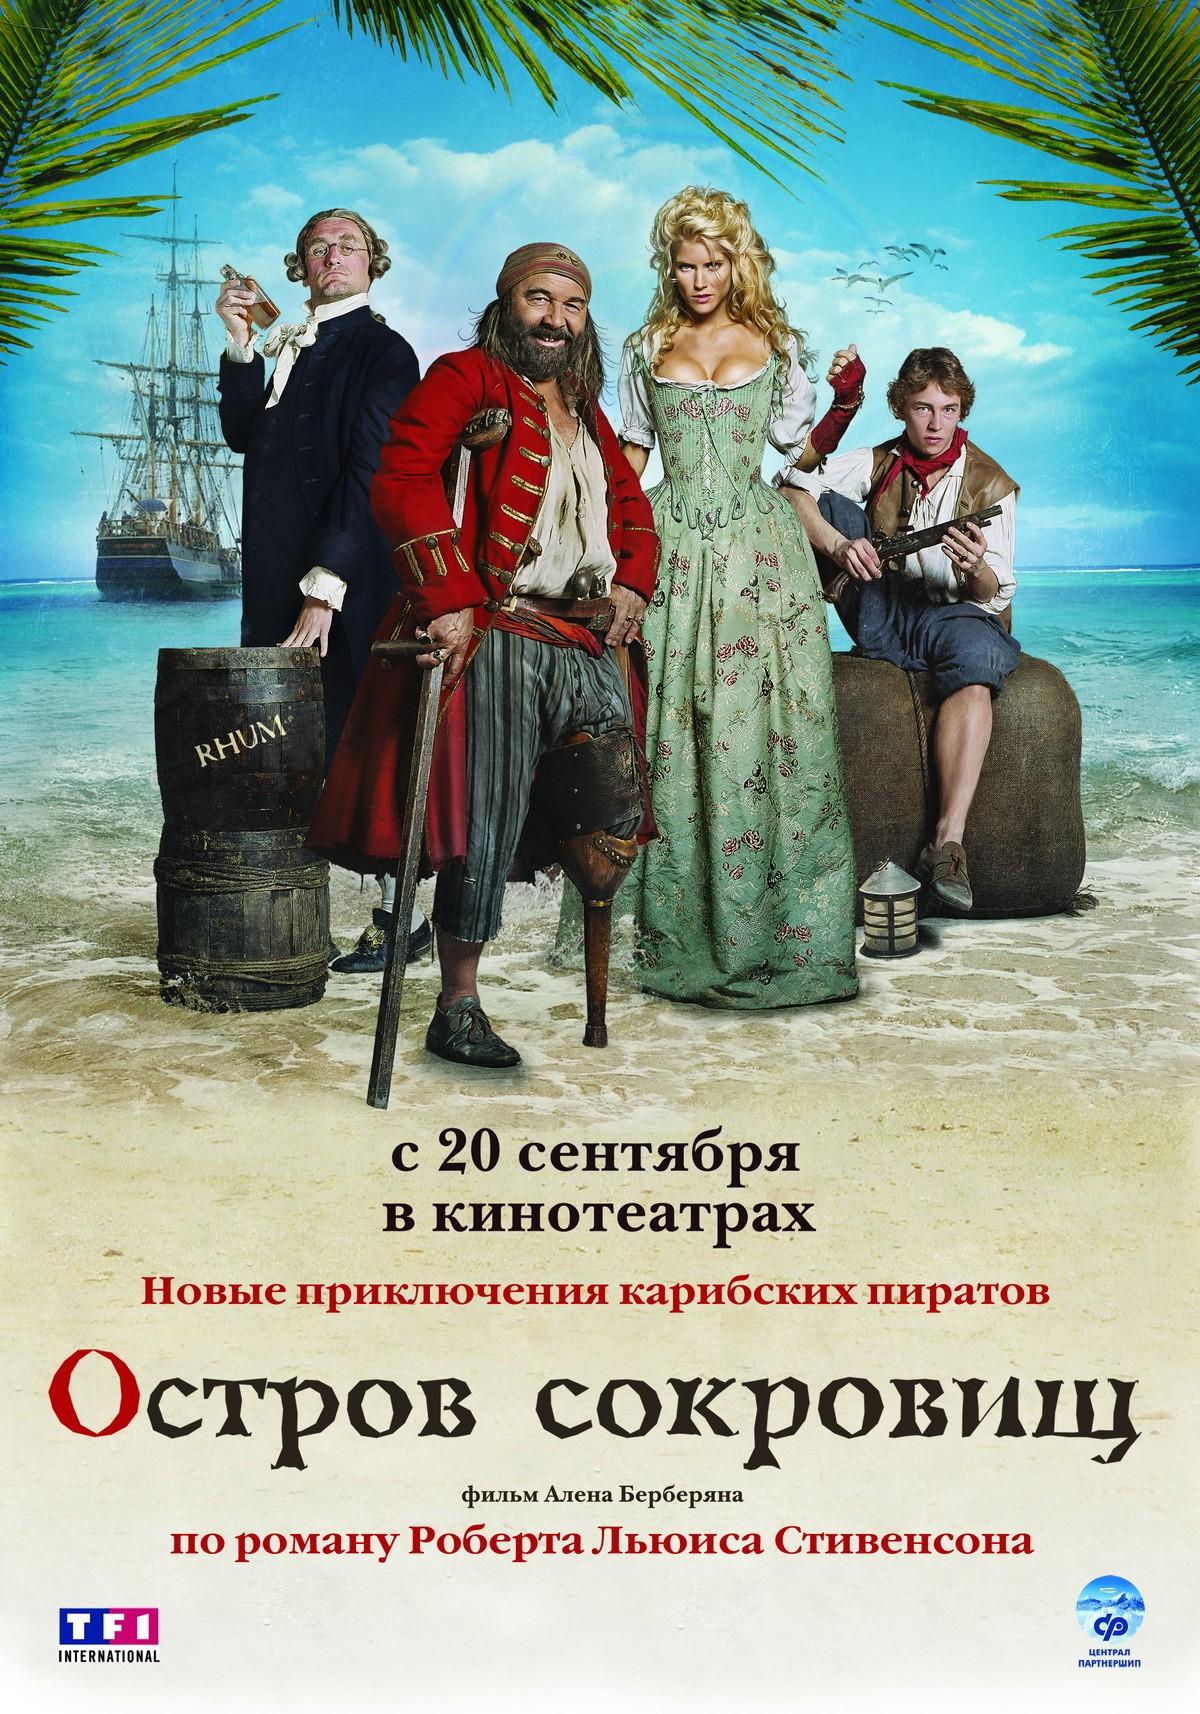 плакат фильма Остров сокровищ